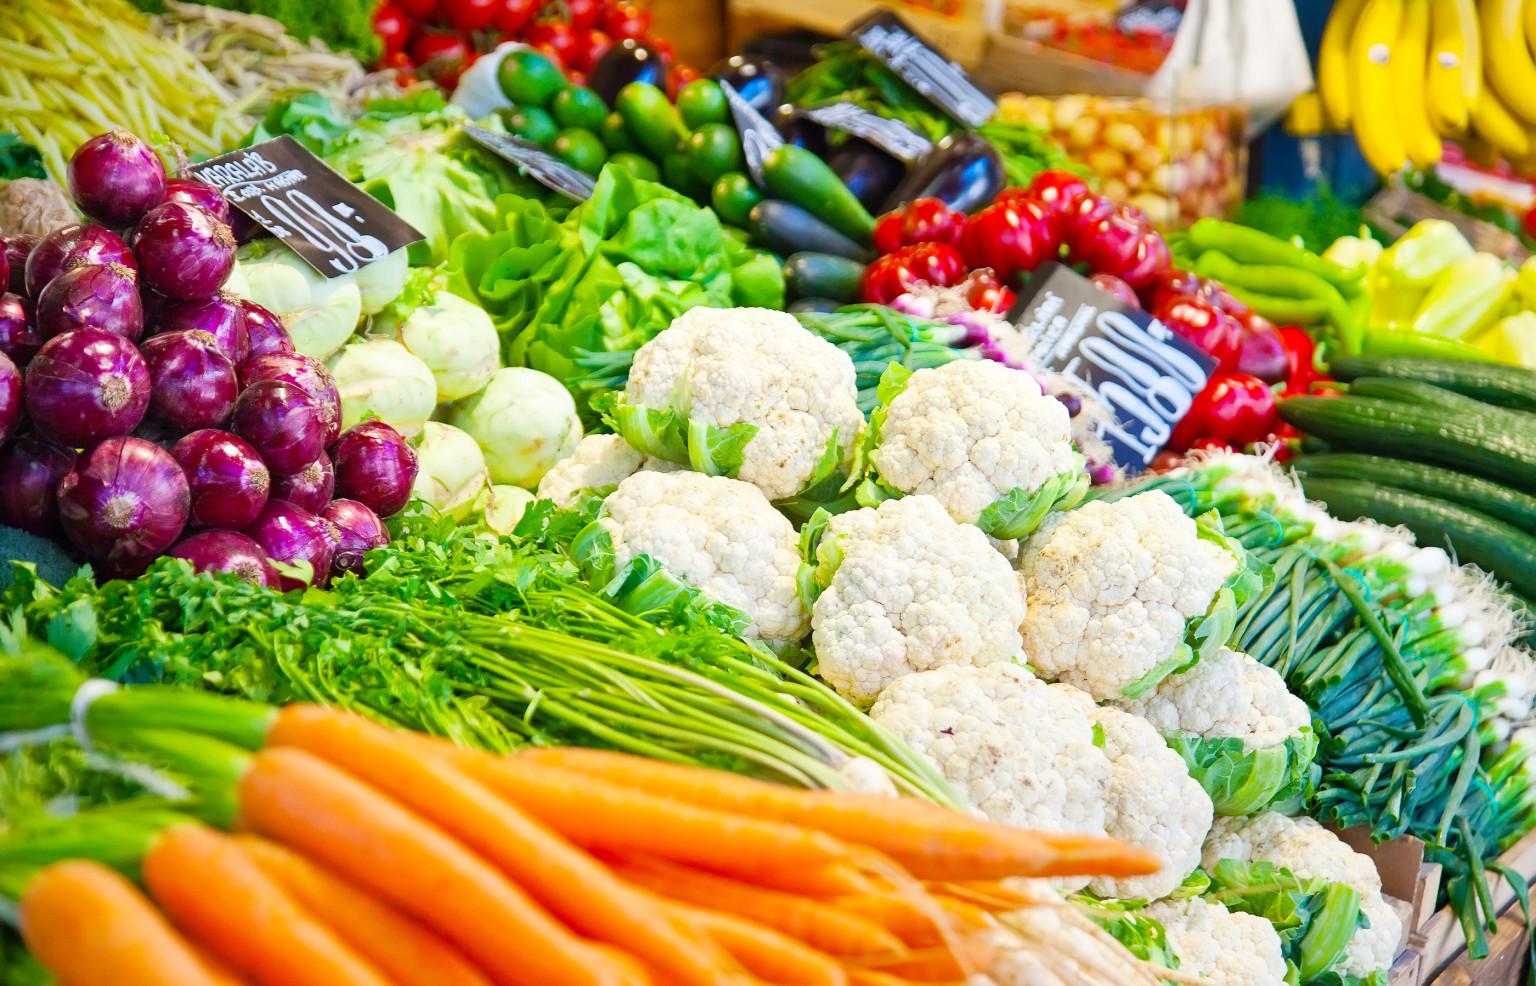 سلامت روان با مصرف میوه و سبزی خام